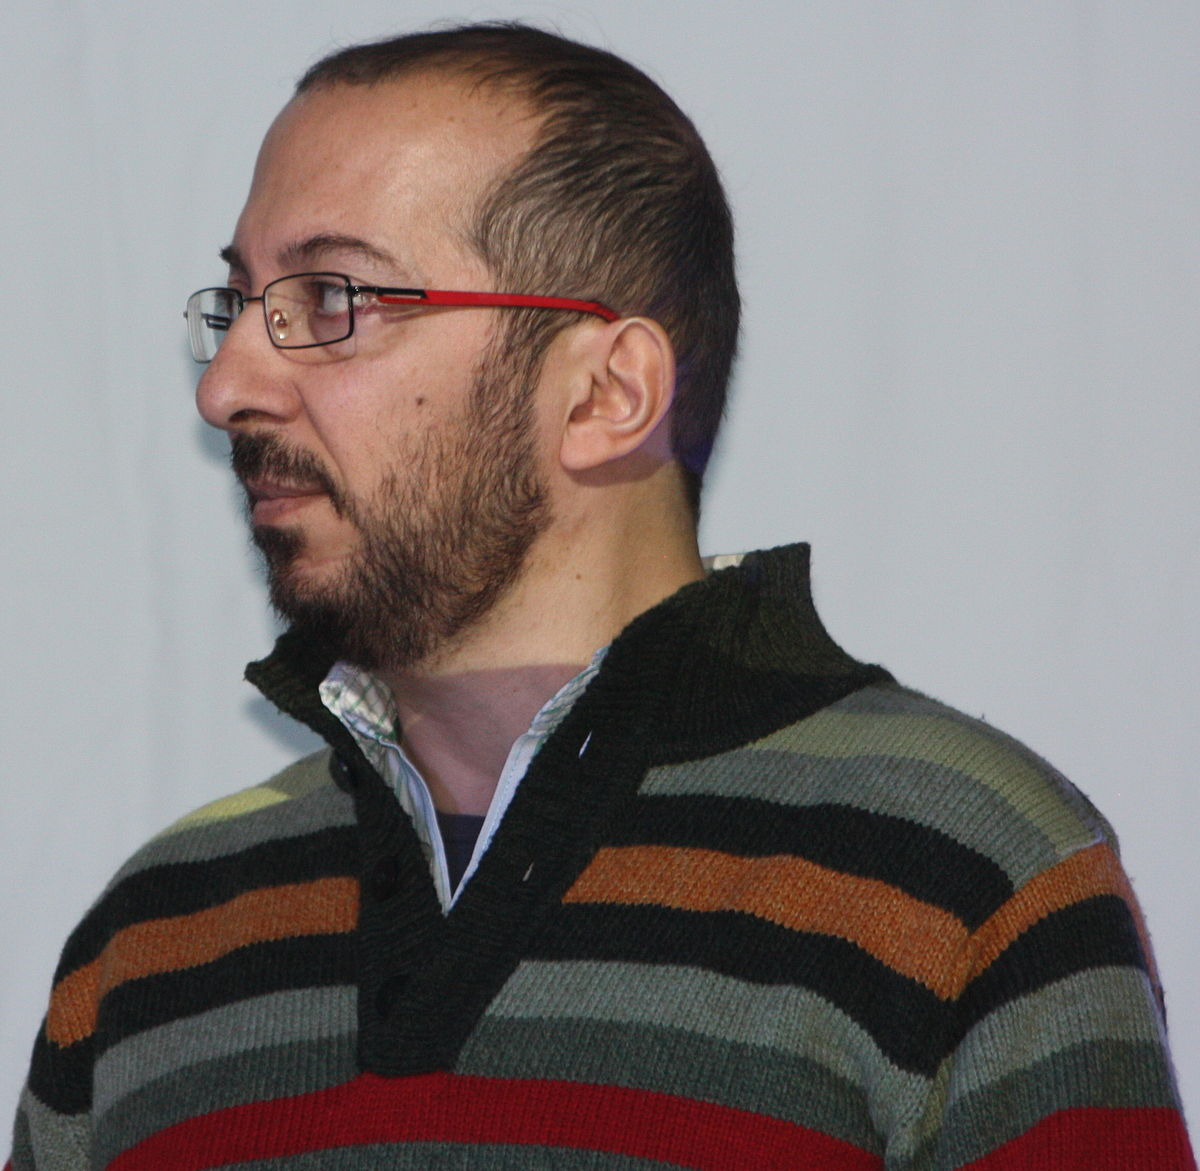 Max Marzilli intervista Fabrizio Mazzotta